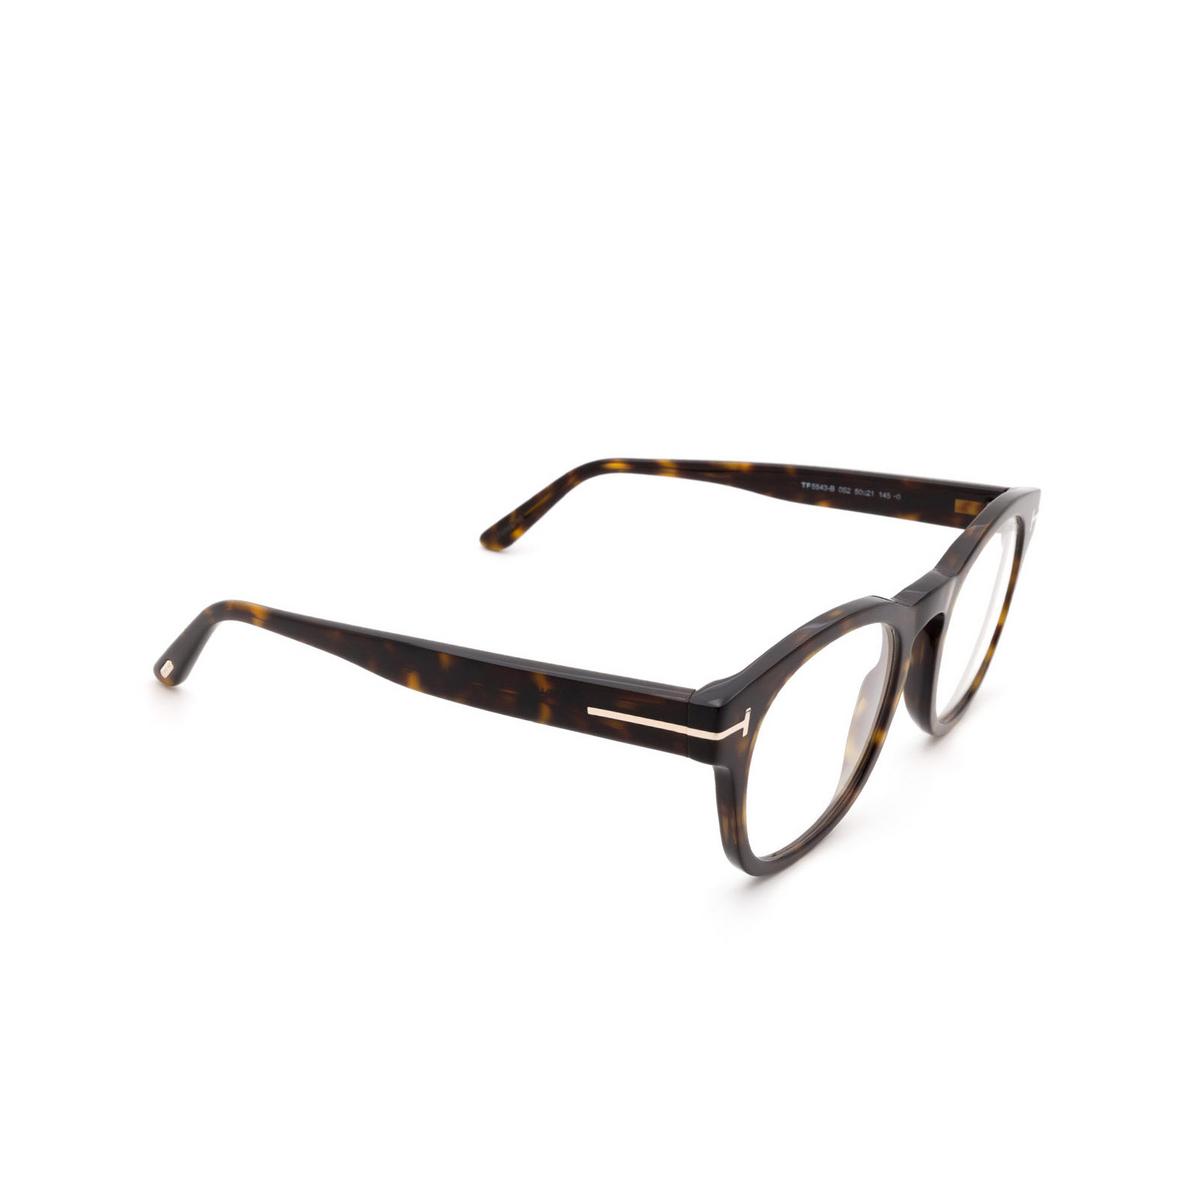 Tom Ford® Square Eyeglasses: FT5543-B color Dark Havana 052 - three-quarters view.